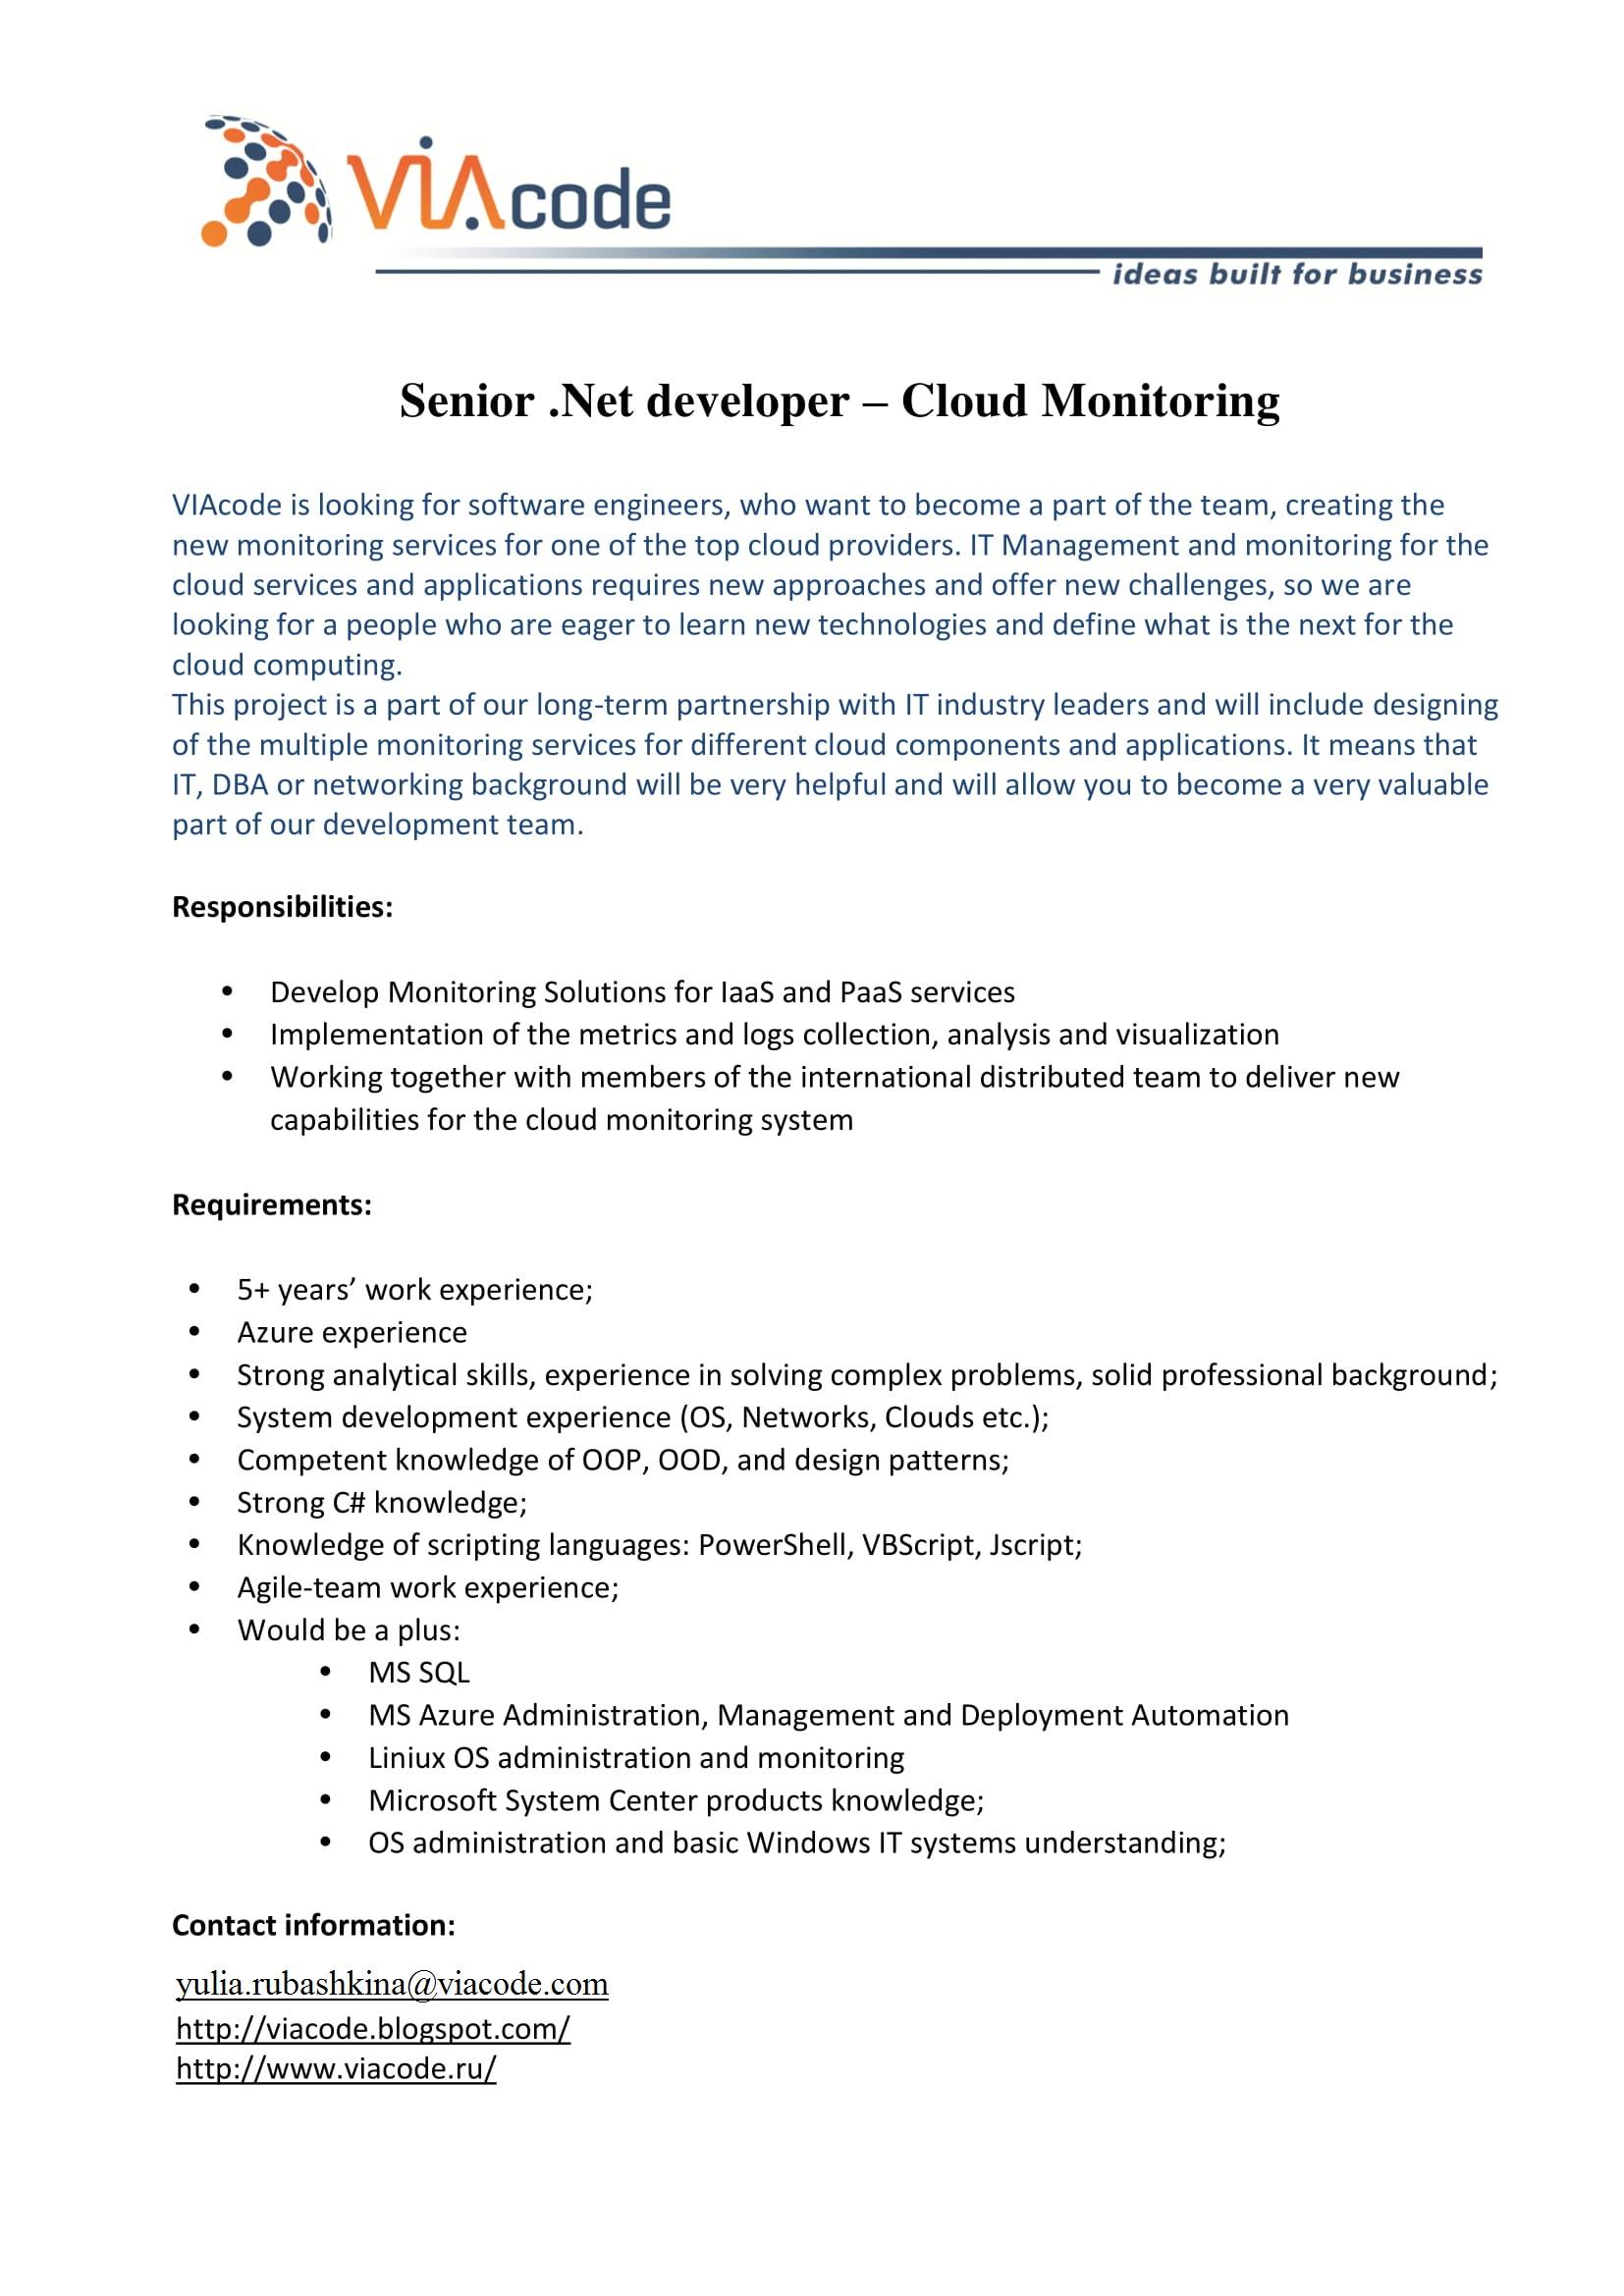 Senior .Net developer – Cloud Monitoring